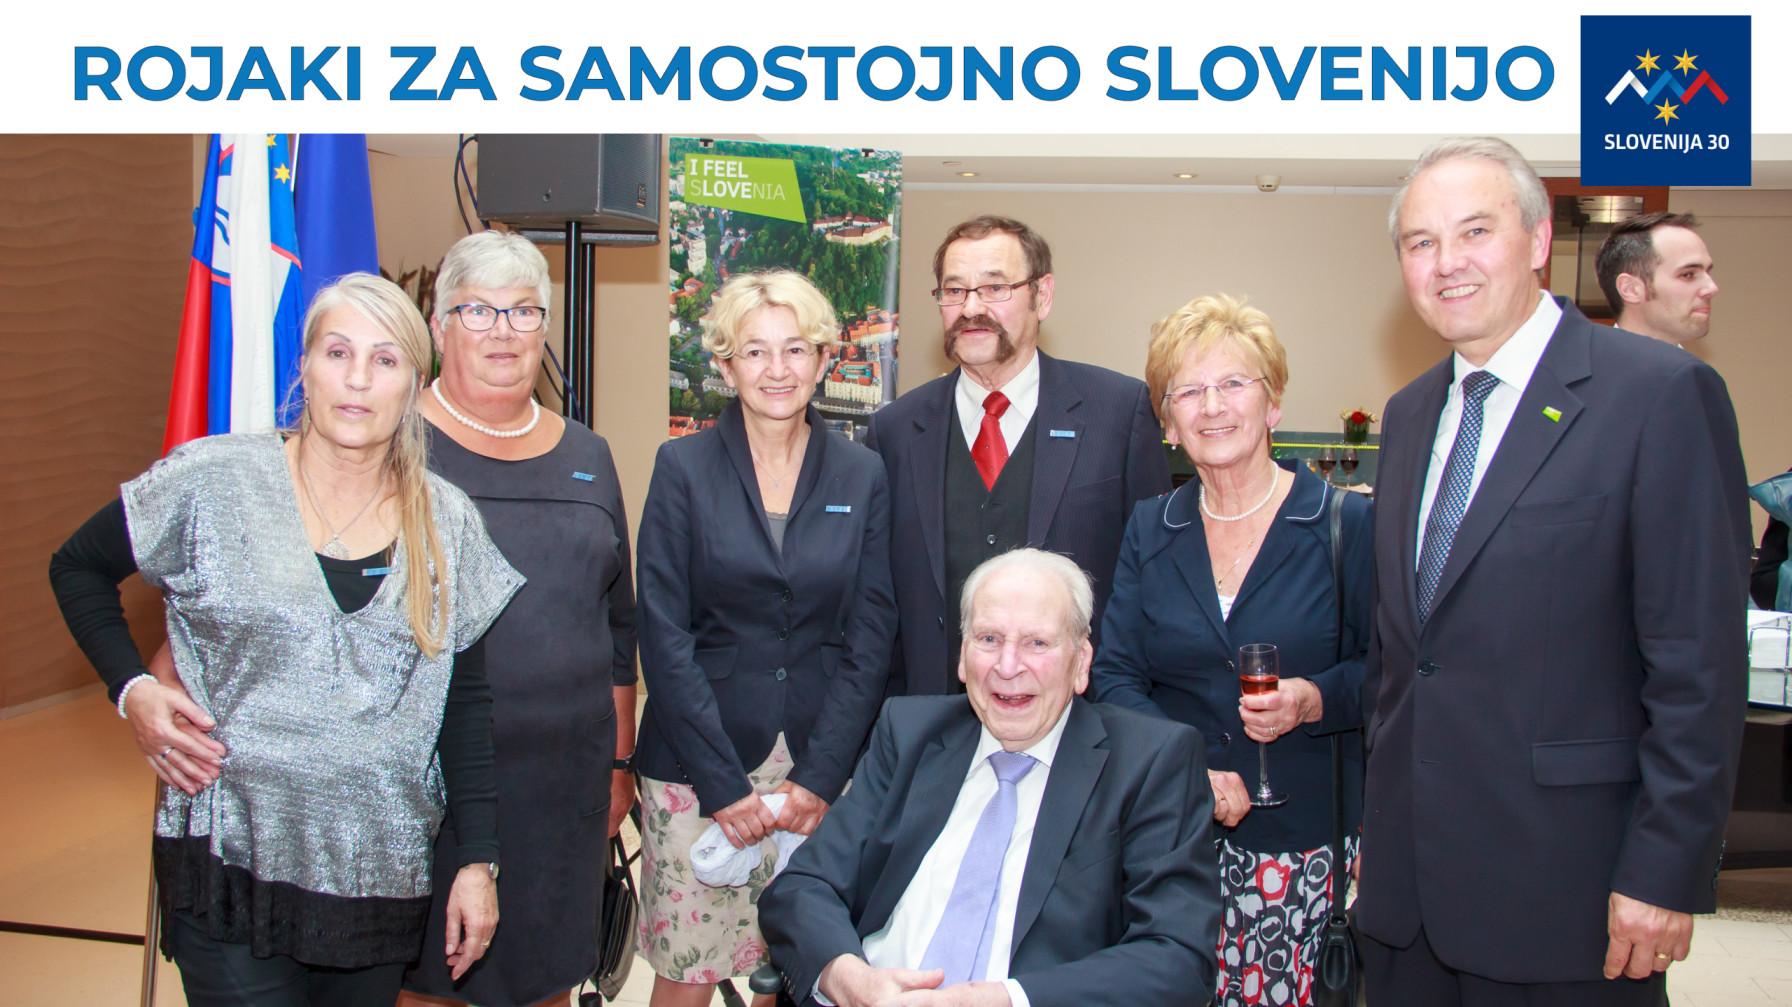 Člani komiteja (na vrhu na belem traku napis Rojaki za samostojno SLovenijo in logo (simbolj Triglava v beli, modri in rdeči barvi, tri rumene zvezde in pod tem napis Slovenija 30).